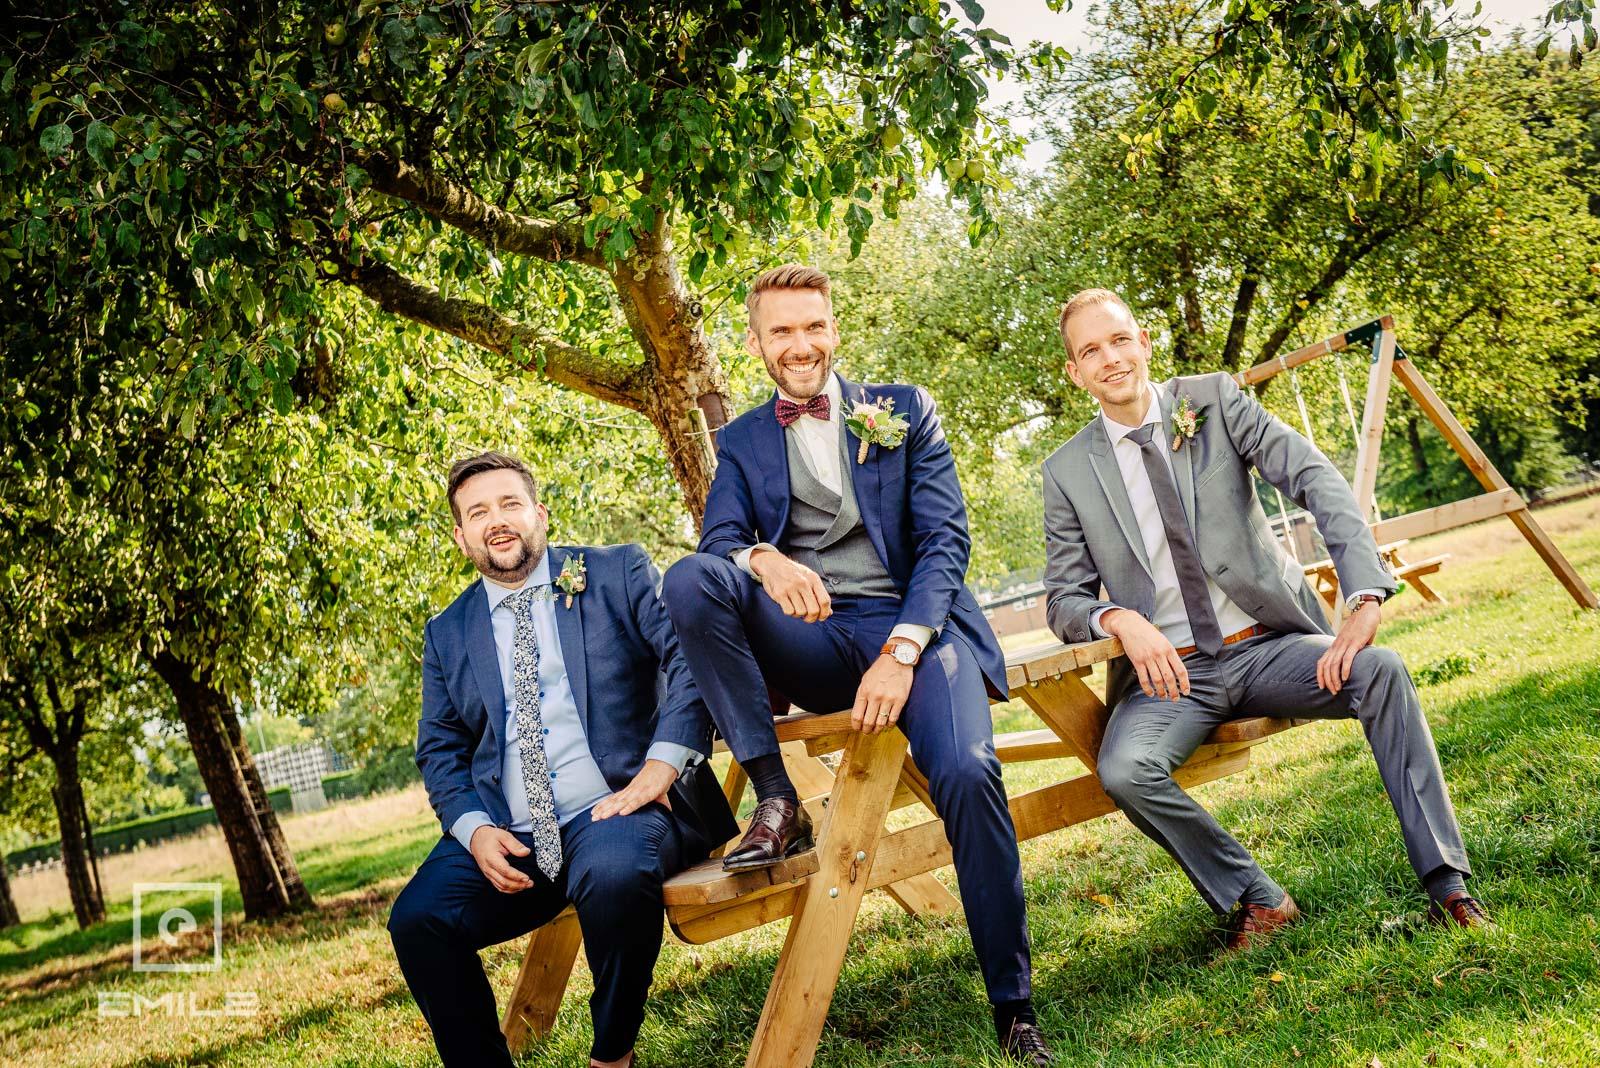 Stoere mannen op het bankje in de wei. Huwelijk Zuid-Limburg